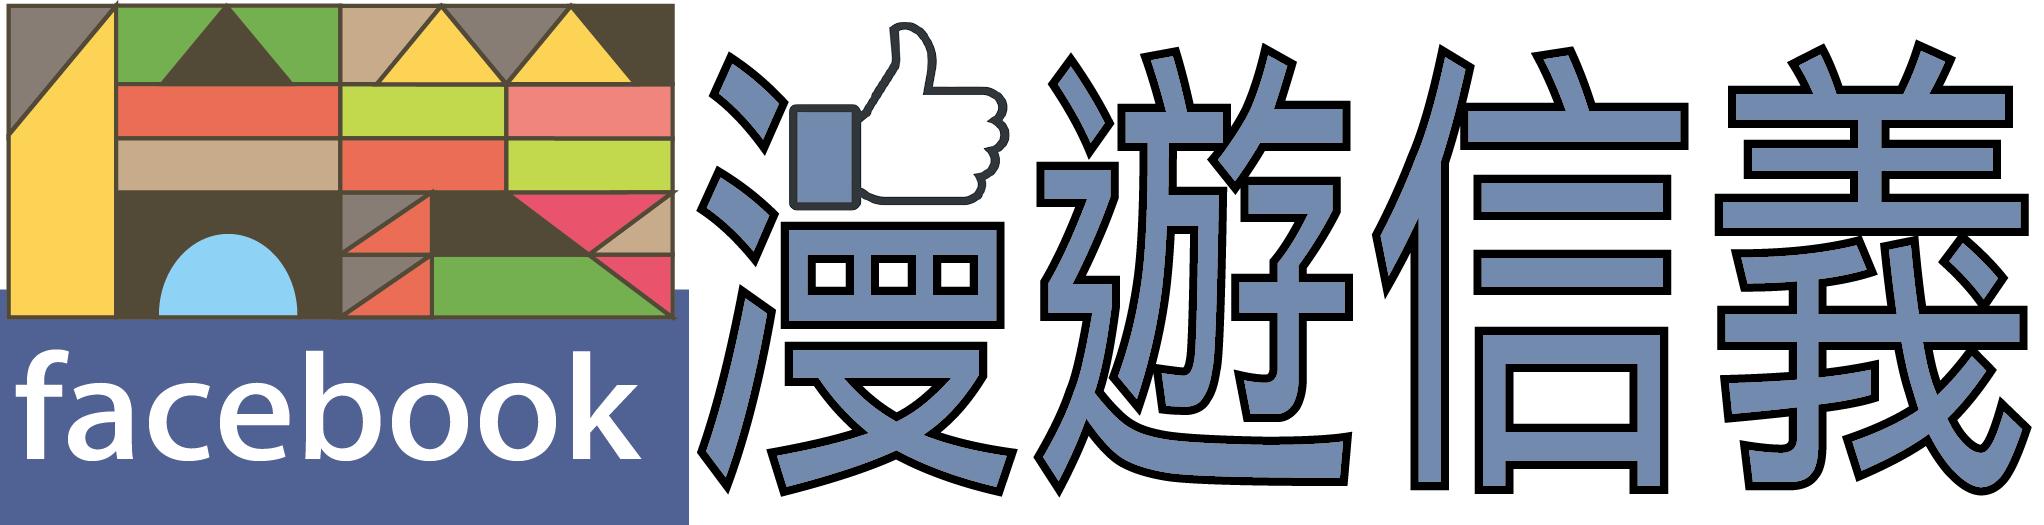 連結至臺北市信義區公所紛絲專頁:漫遊信義